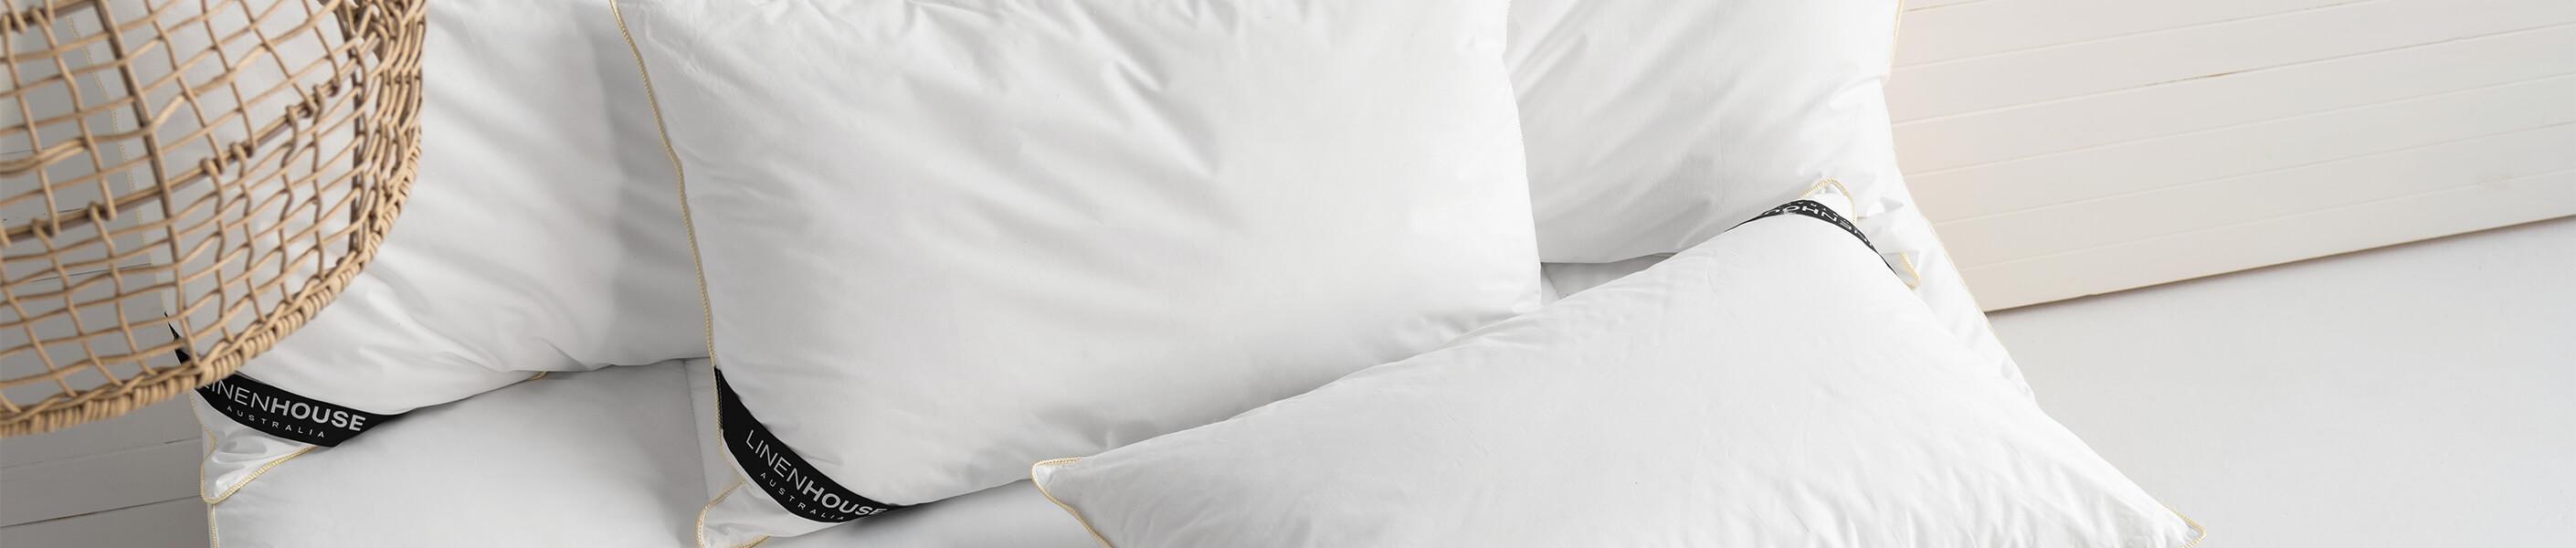 Bedwraps™ & Valances